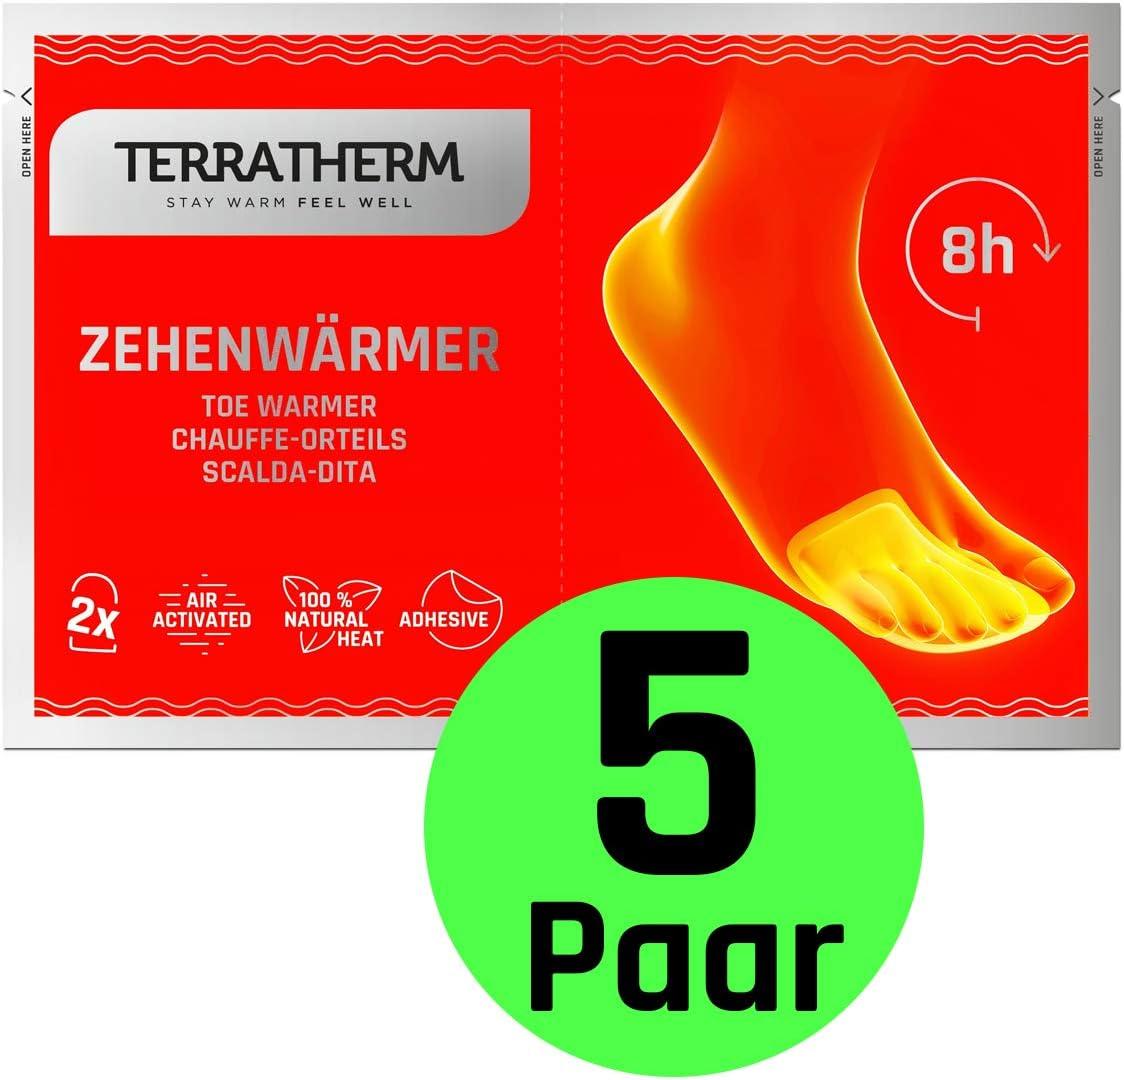 TerraTherm Calienta pies Adhesivos, Calcetines con calefacción de 8 Horas, Calentadores de Dedos y Calentadores de pies, adecuados para Todo Tipo de Zapatos, Extra Finos, y cómodamente Suaves